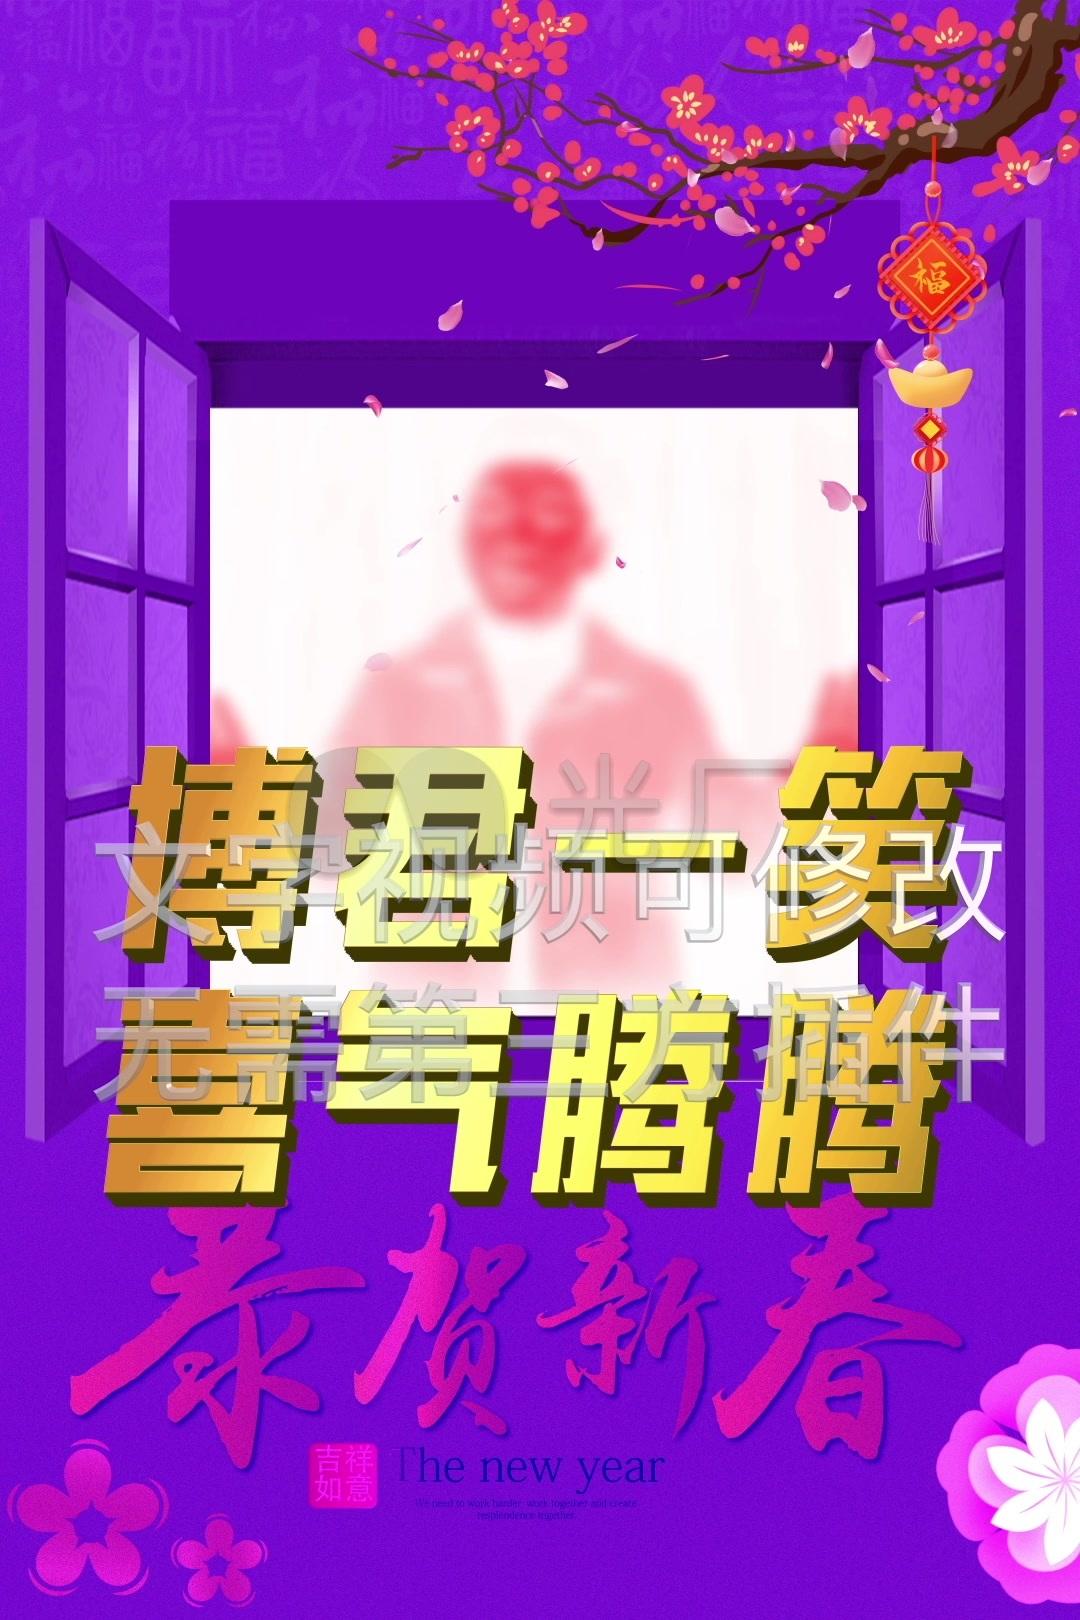 疯狂的小视歌2019祝福抖音拜年频ae_1下载(编死视频卡搜狐了图片